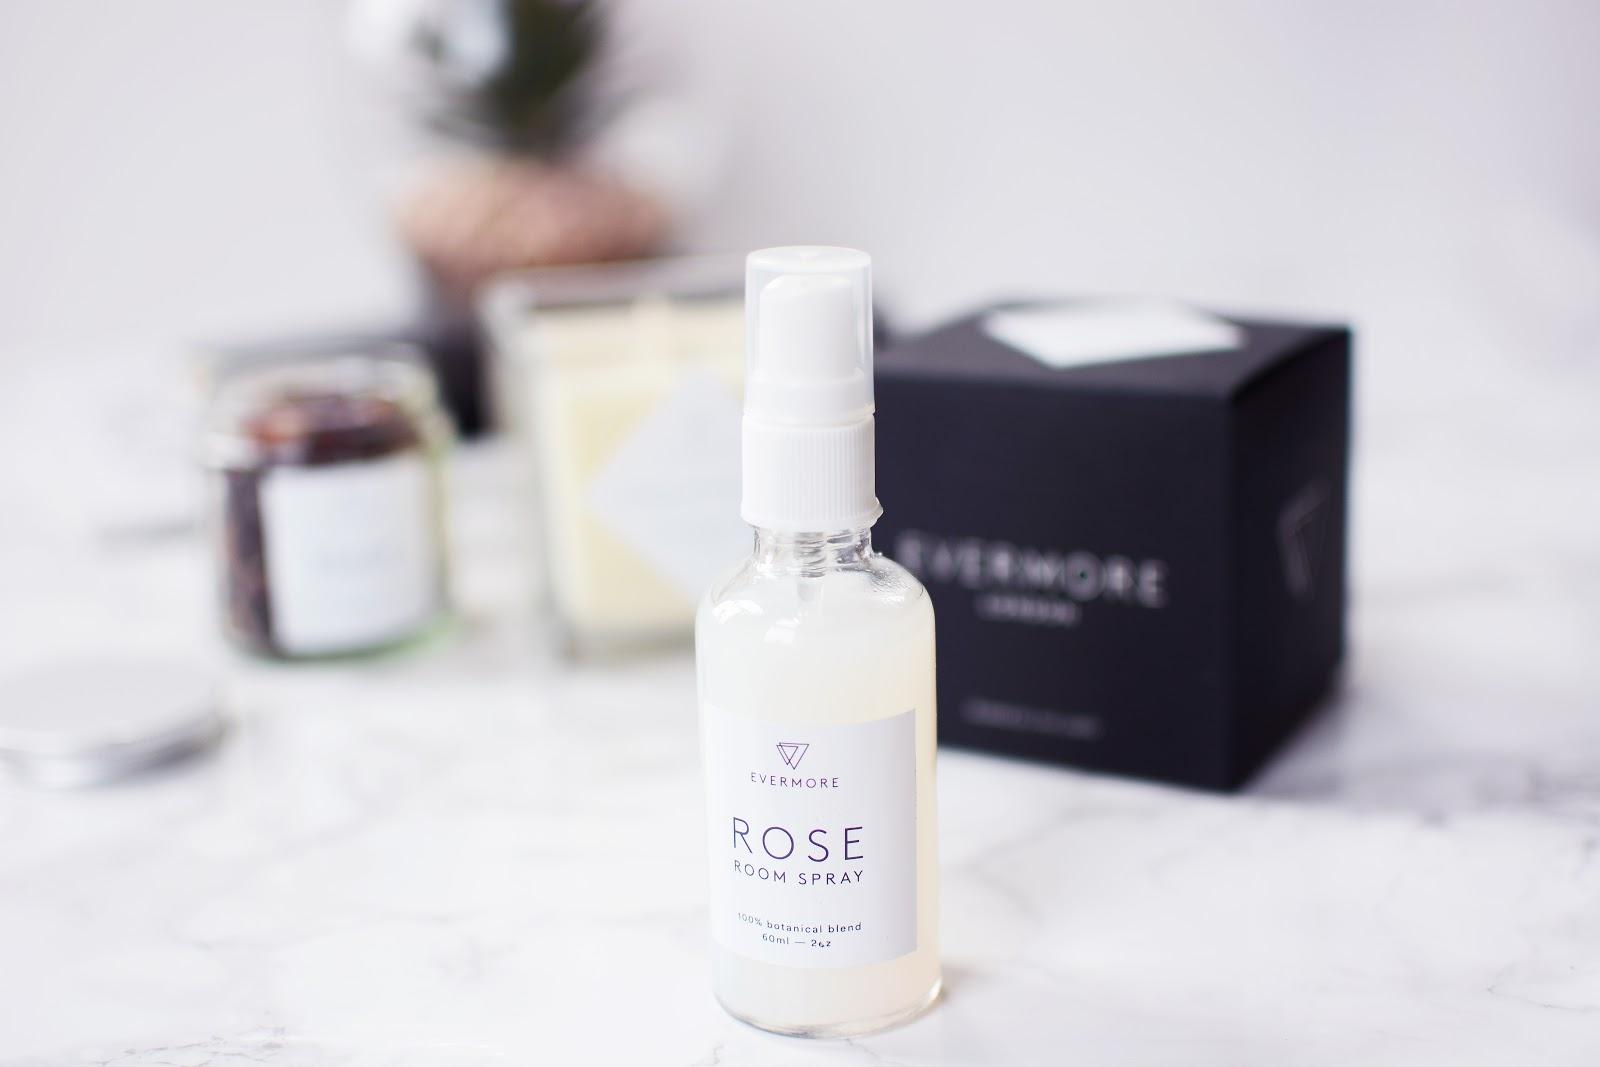 Rose Room Spray